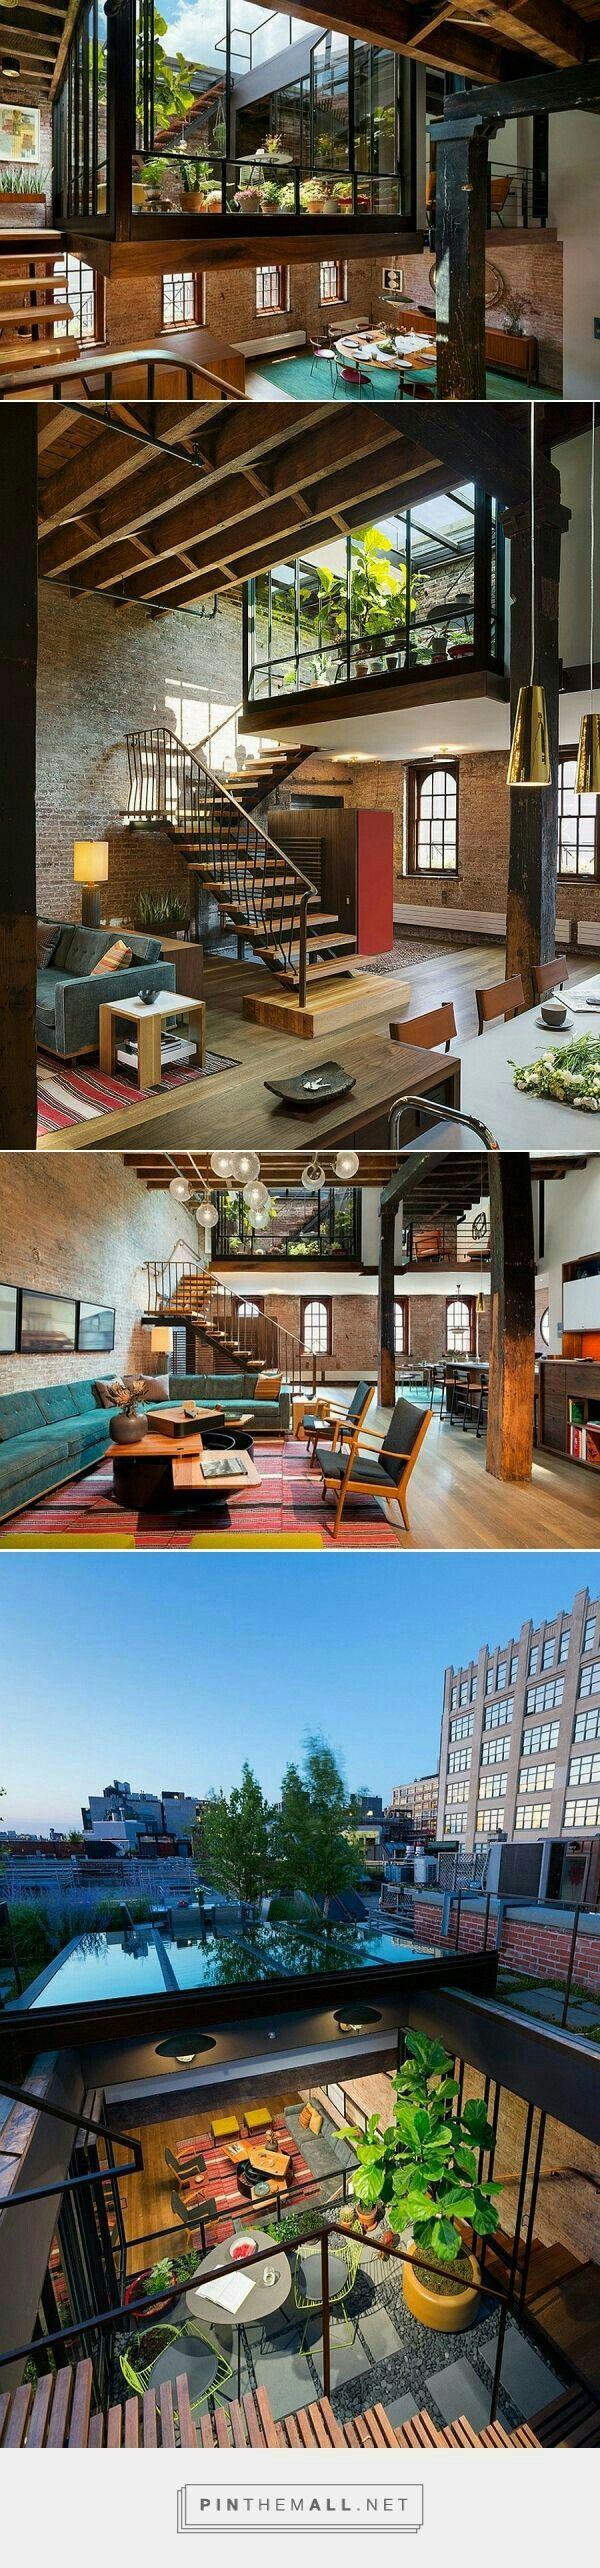 Wunderschöne Wohnzimmer Ideen Und Inspirationen Wohnideen |  Einrichtungsideen | Schöner Wohnen | Wohnzimmer Ideen | Design  Inspirationen #Wohnideen ...